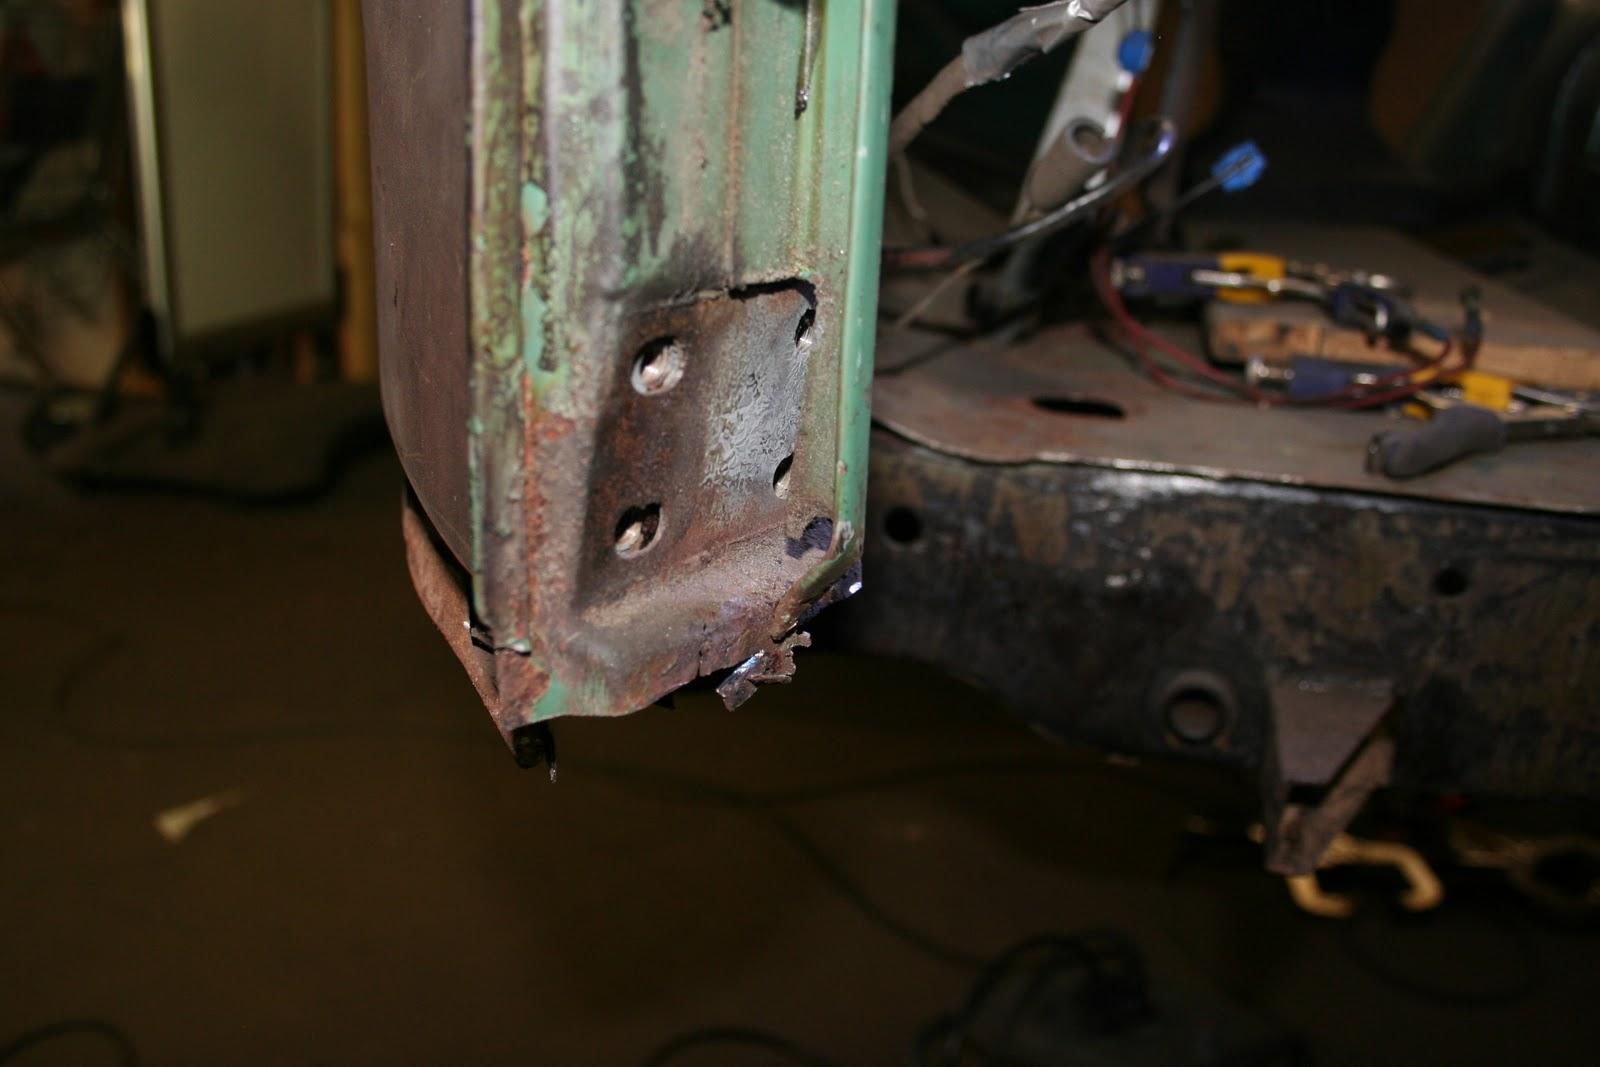 Gaten vullen filling holes